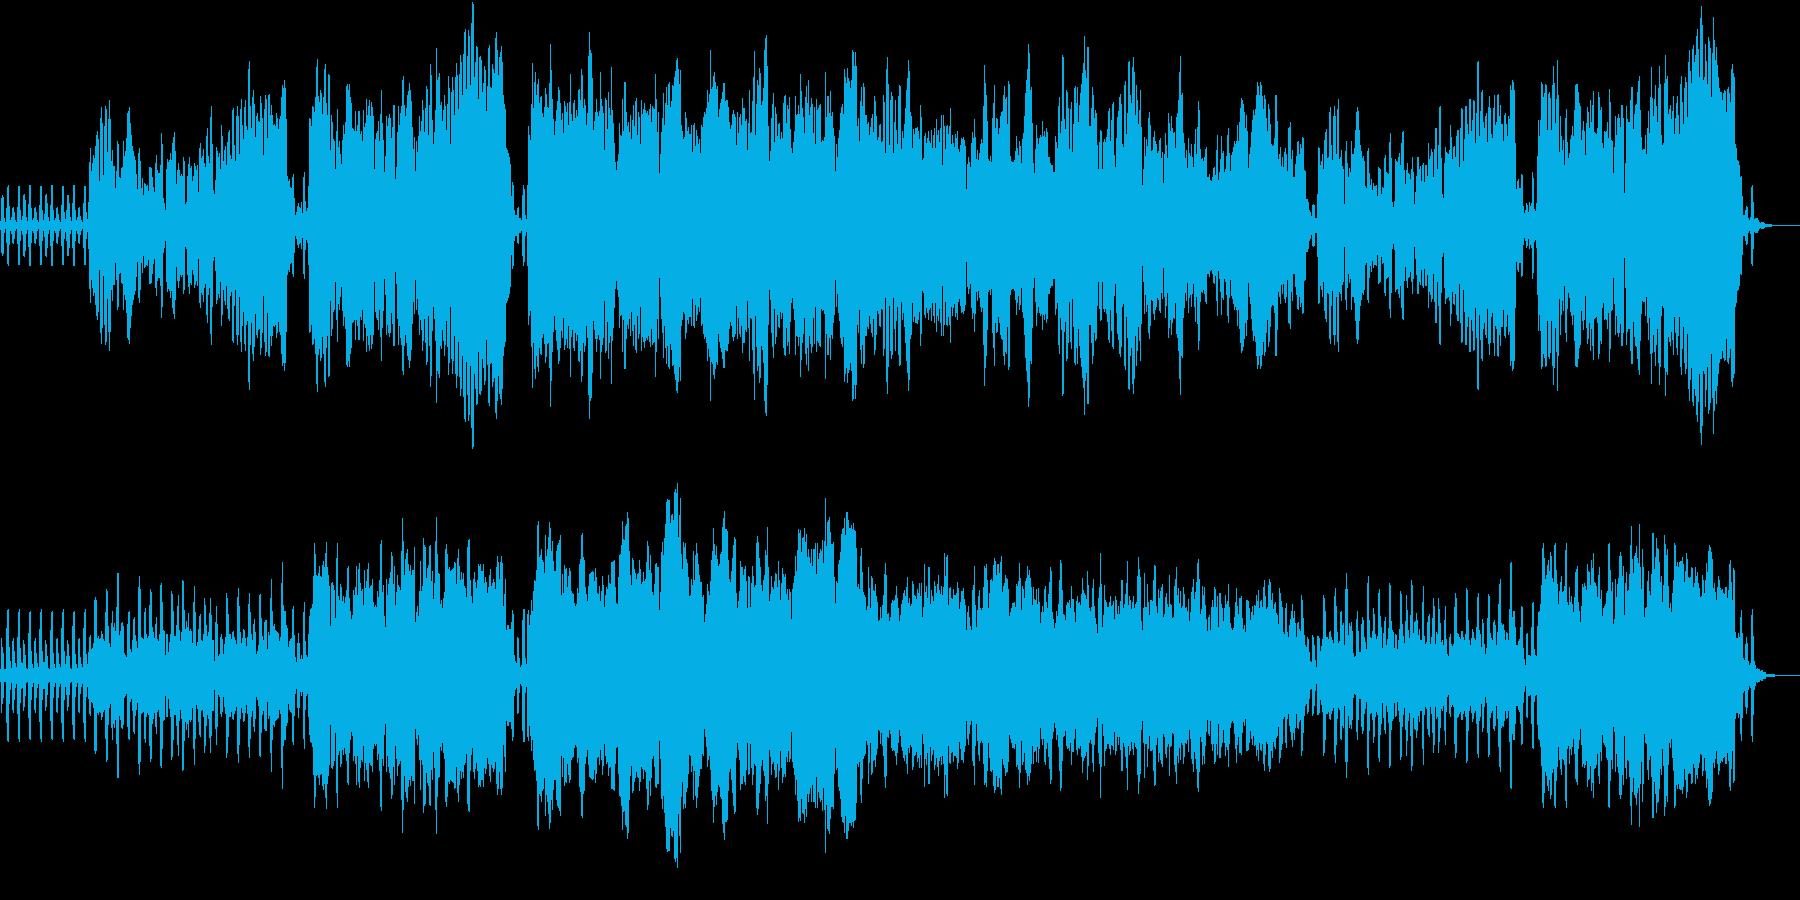 深い森にいるような木管五重奏の楽曲です。の再生済みの波形